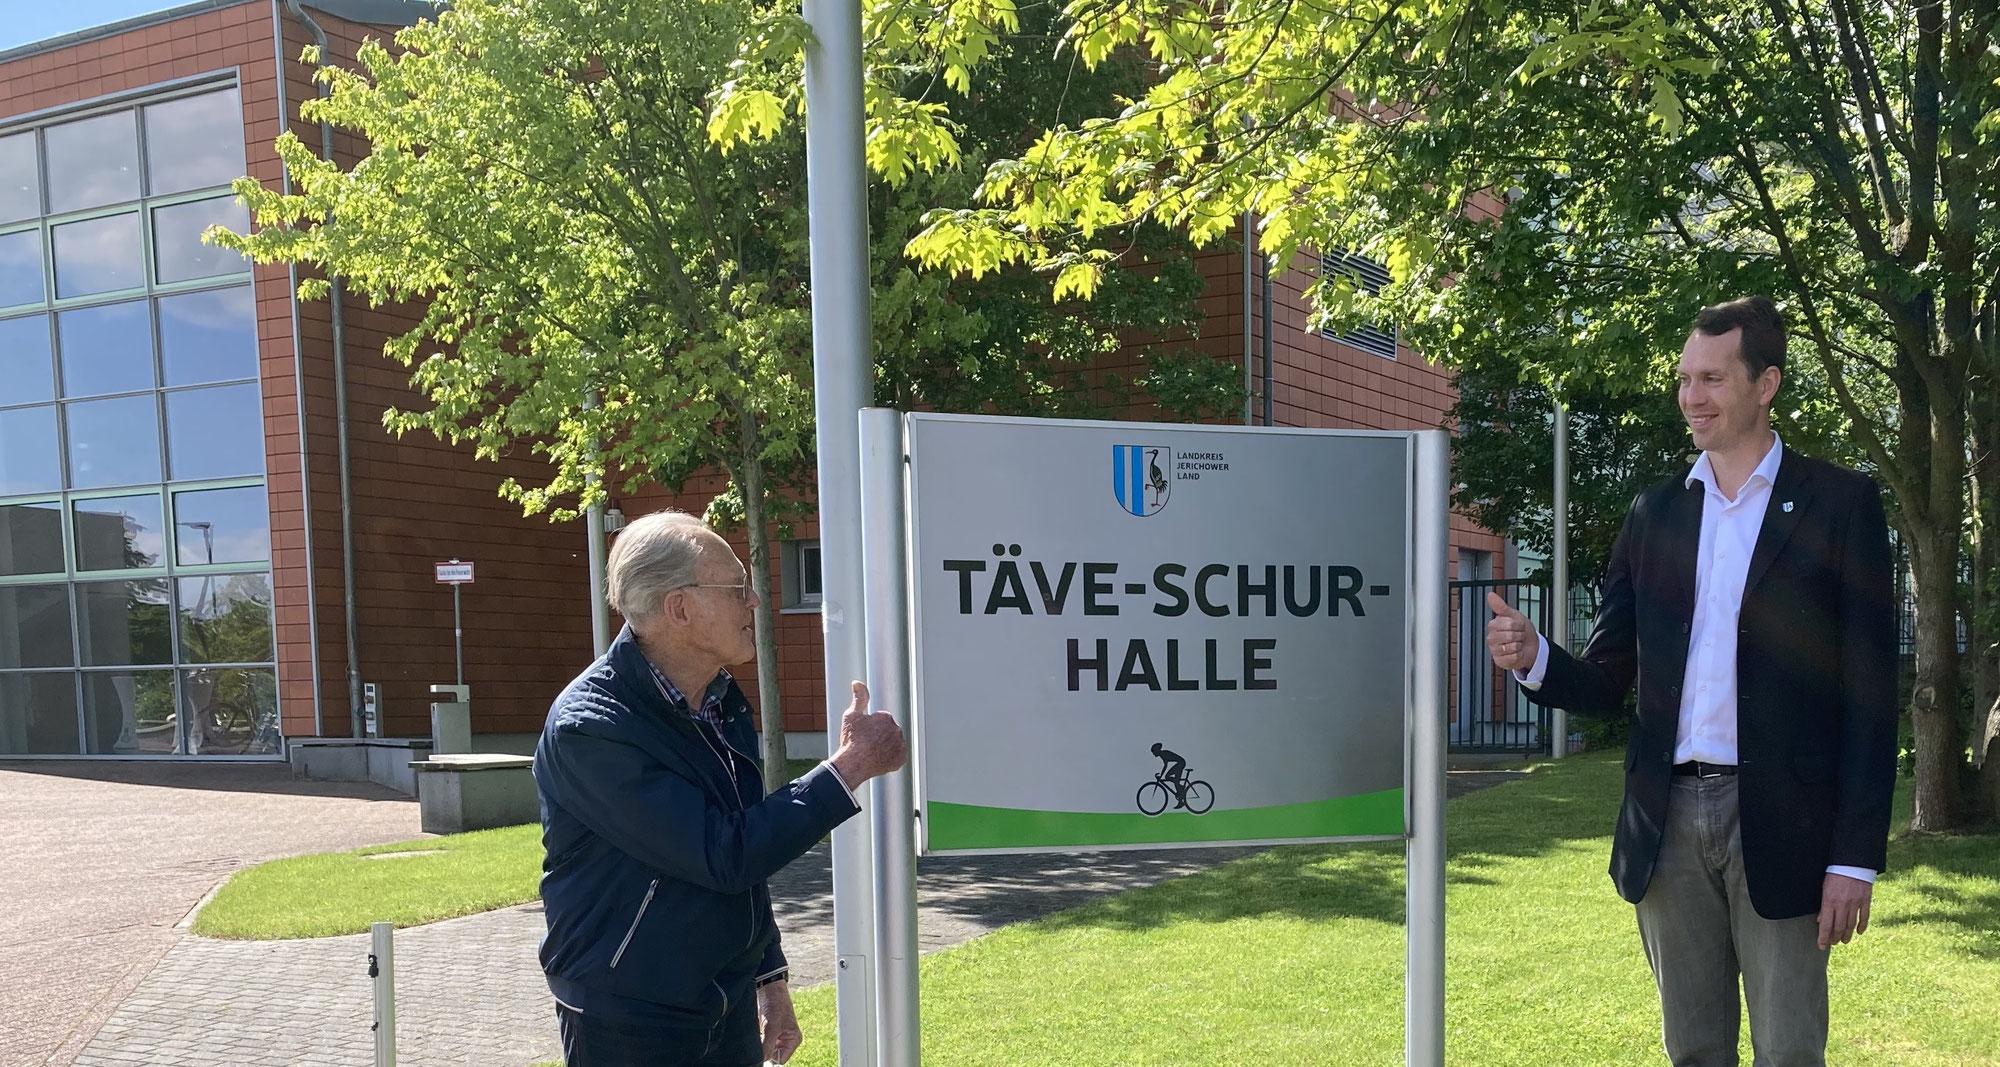 Radsport-Weltmeister hebt den Daumen für seine Halle